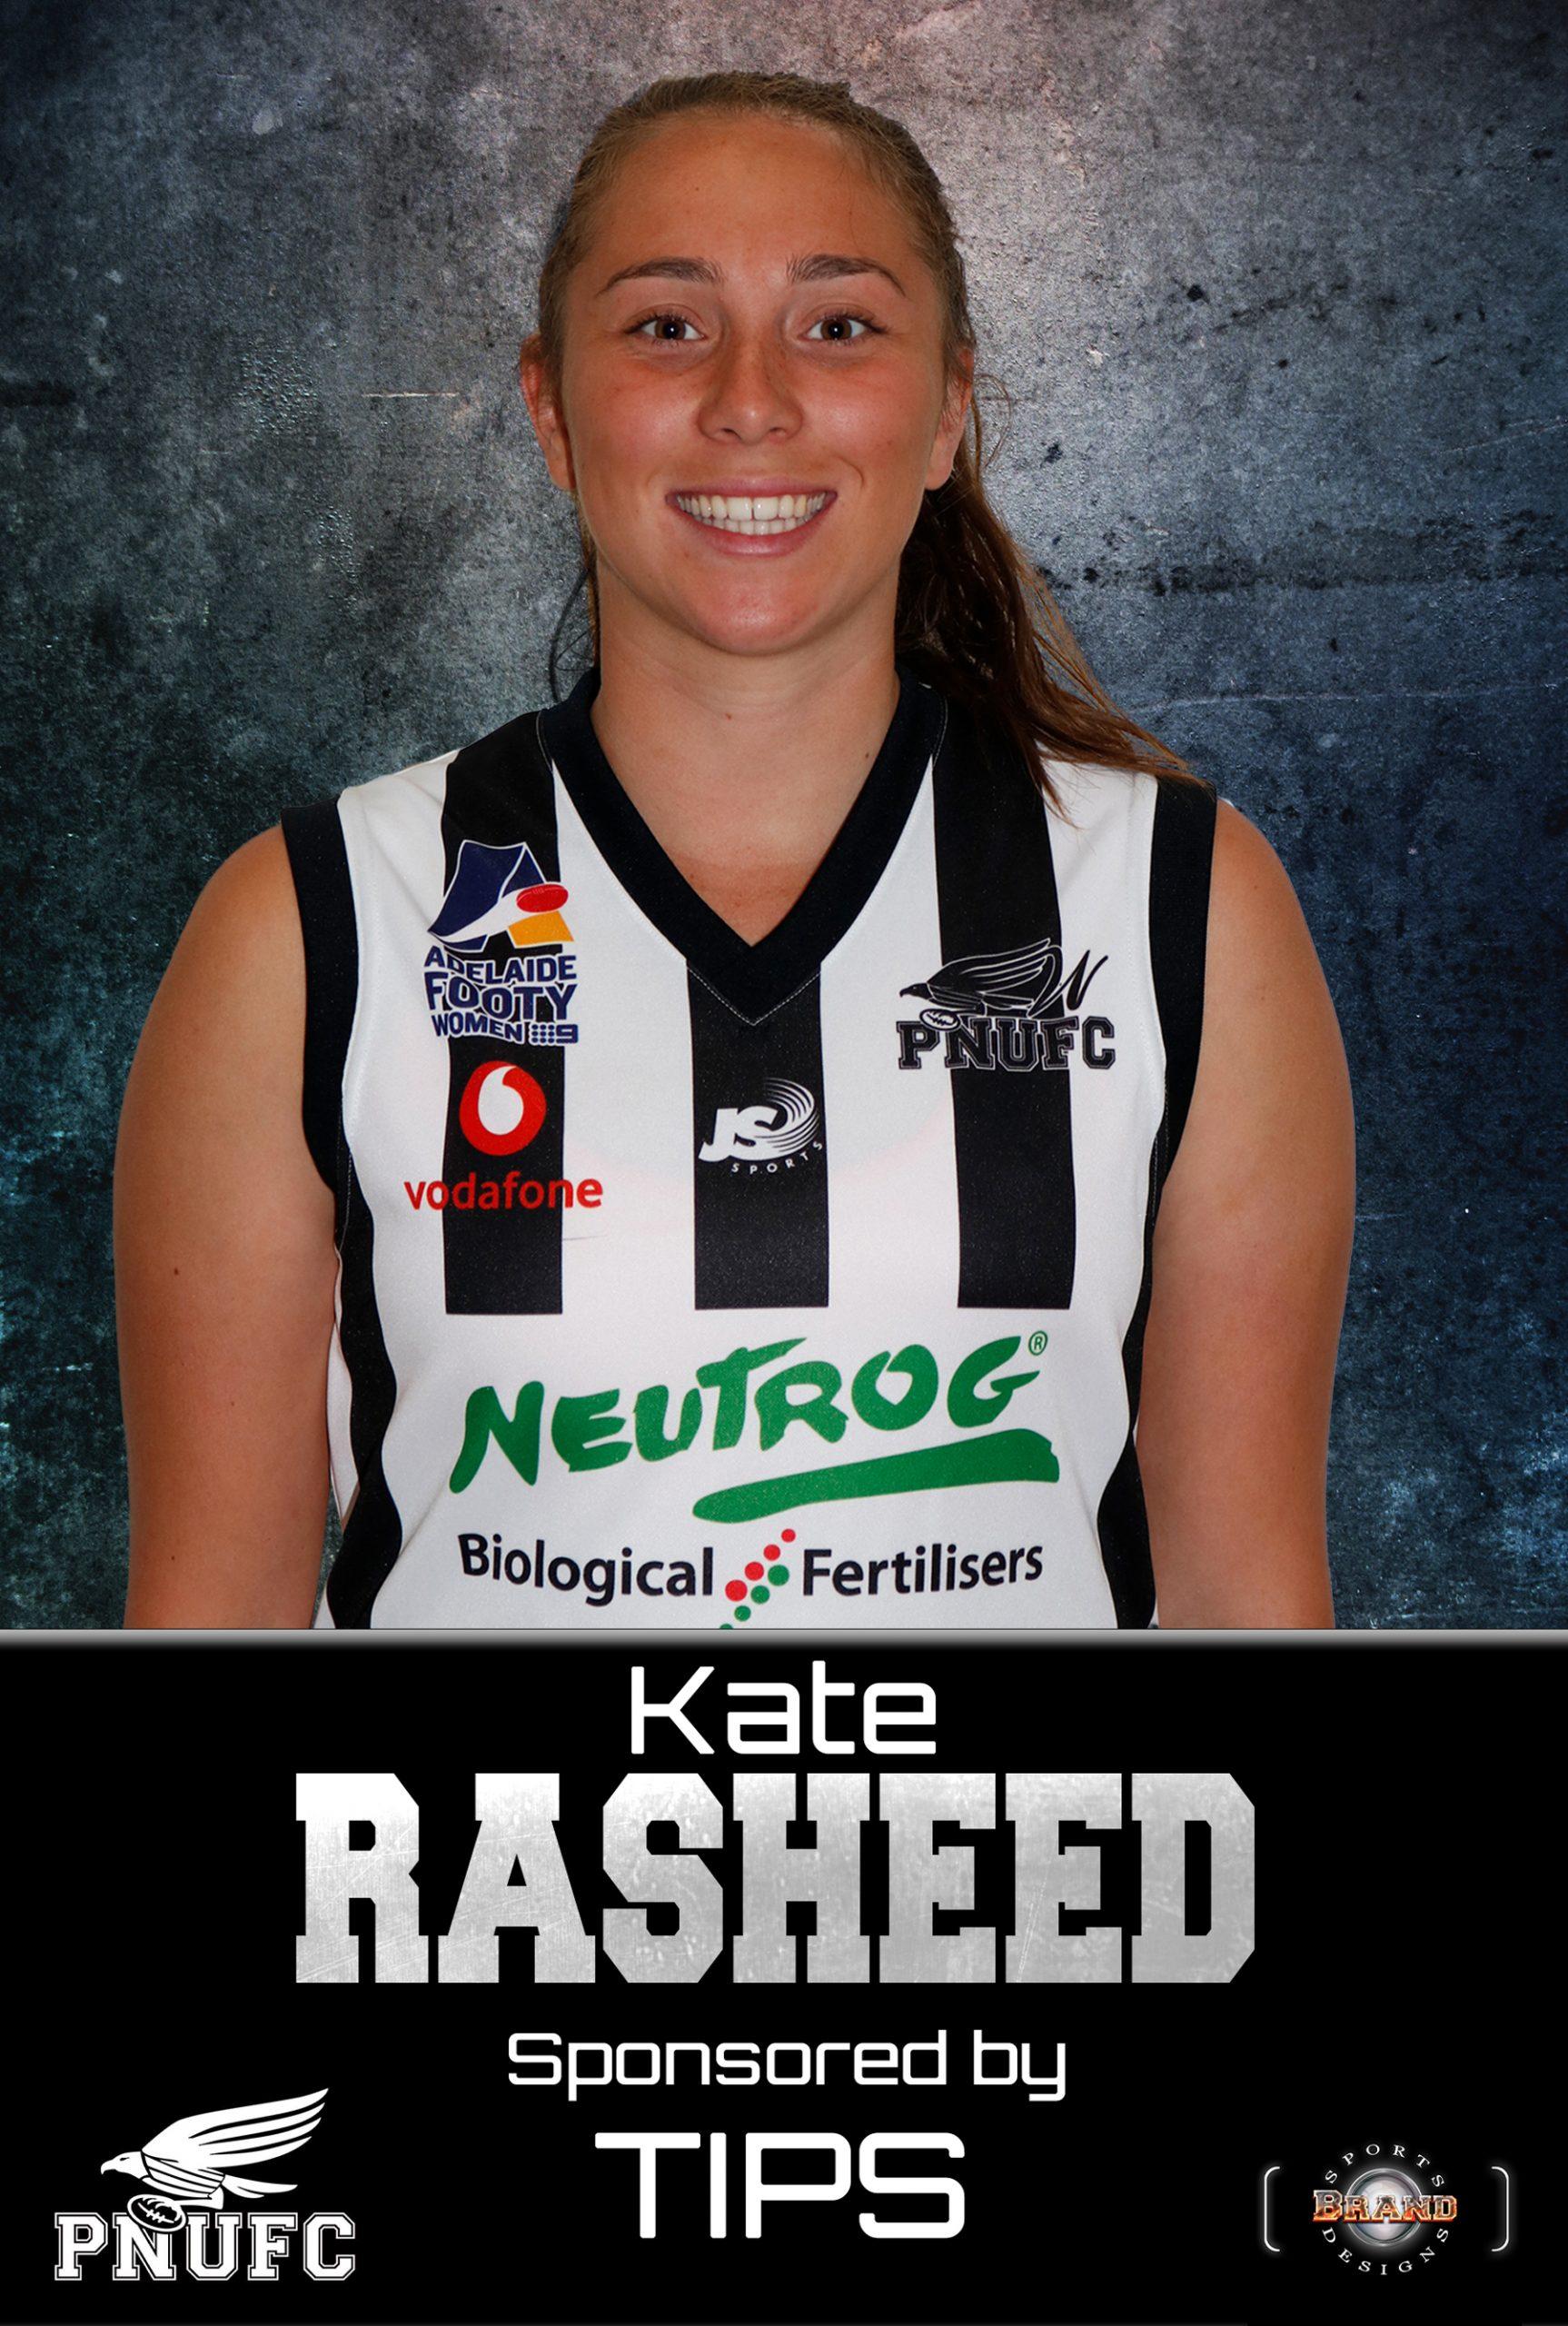 Kate Rasheed